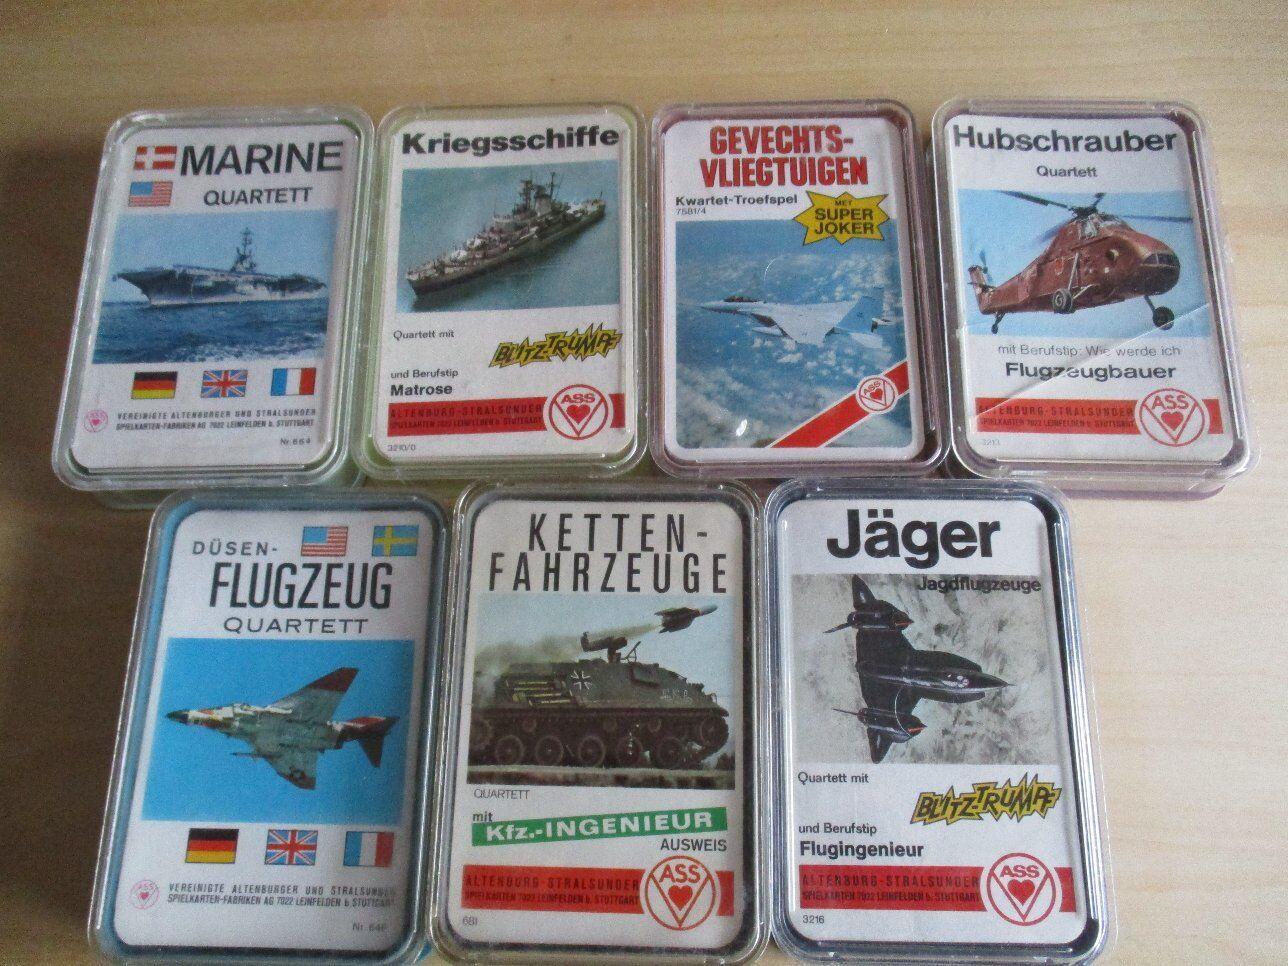 Avoir une maison, maison, maison, avoir de l'amour, as-tu 7 X militaire Quartette chars avions bateaux, etc. l'AAS collection 369519